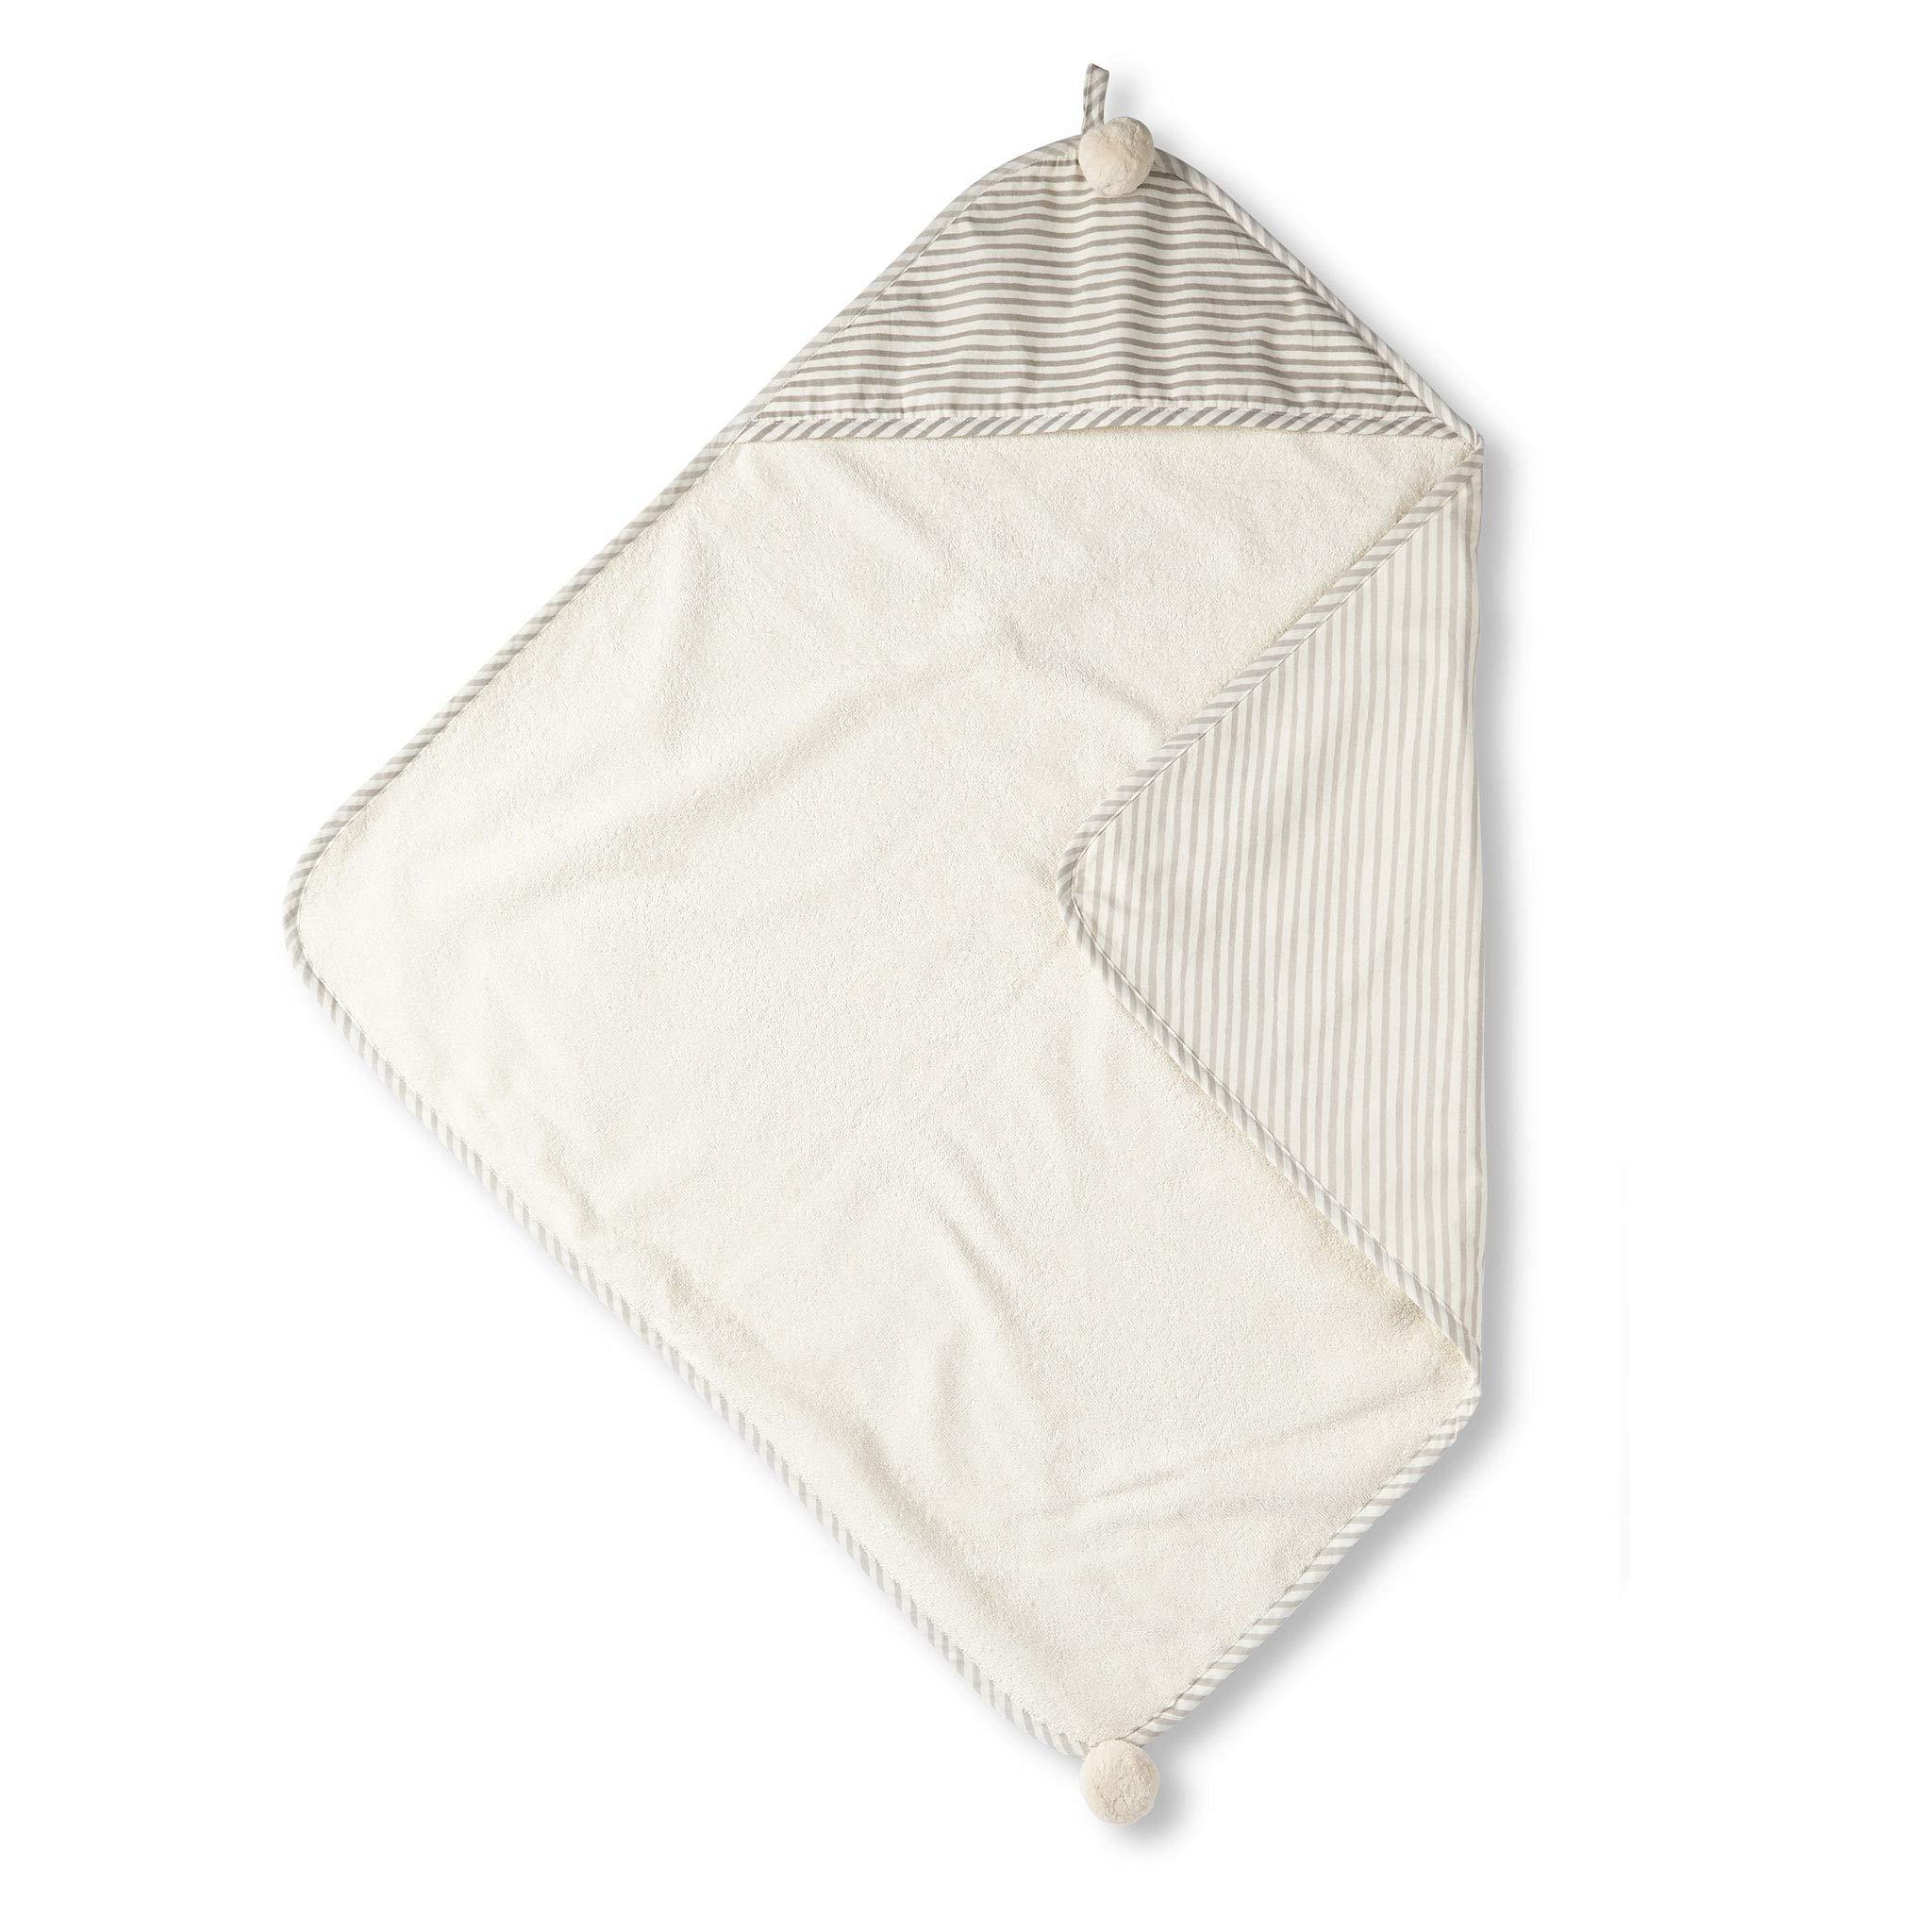 Pehr Stripes Away Hooded Towel - Pebble, Multi by PEHR